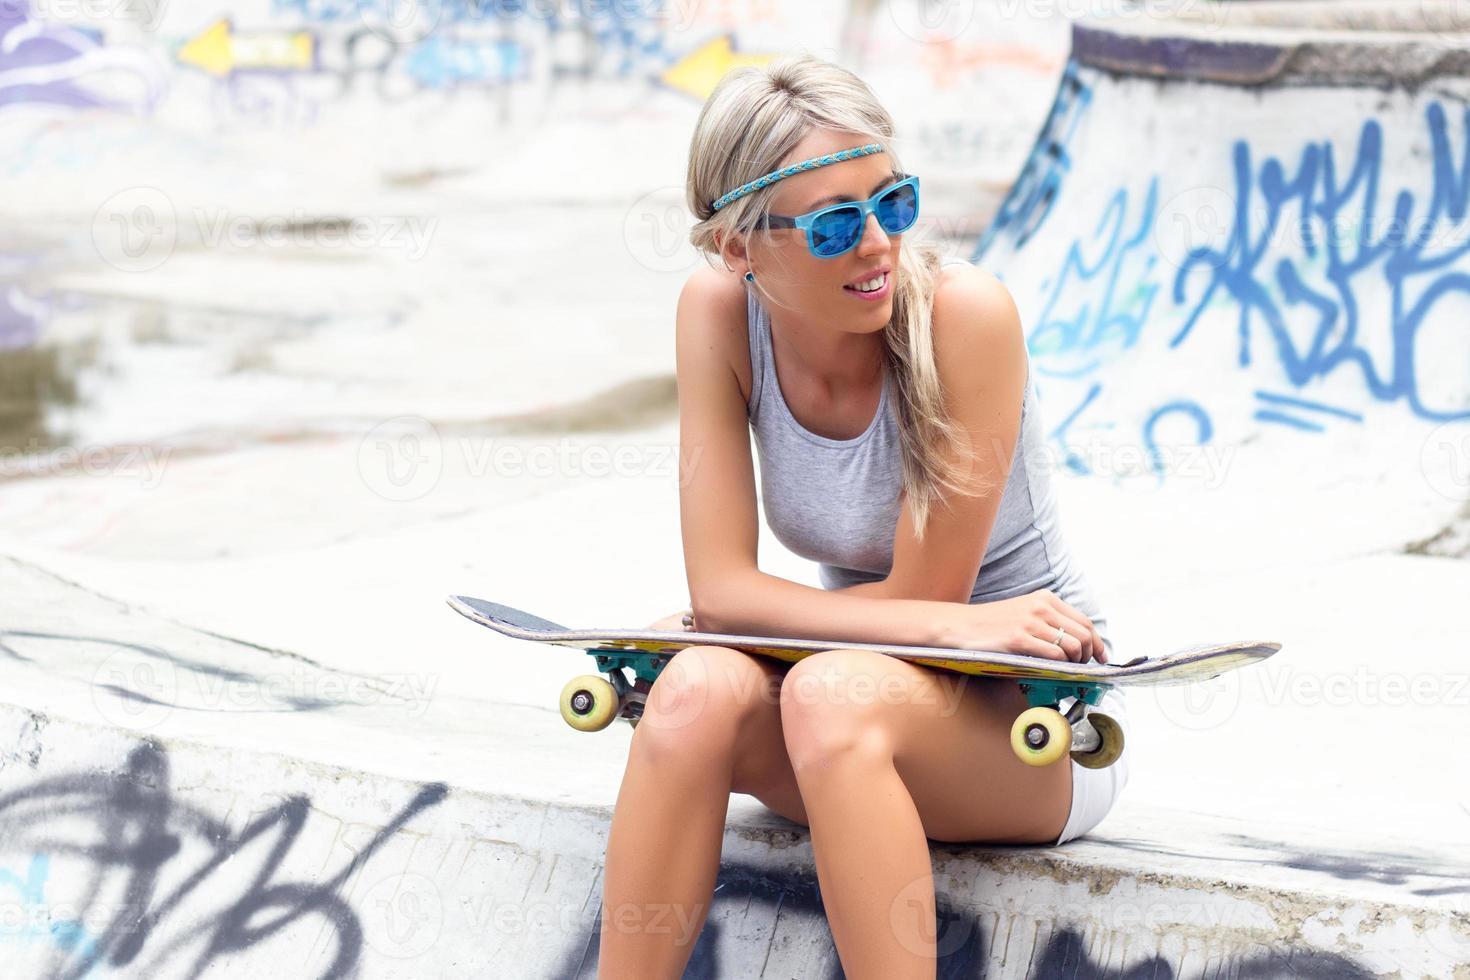 junges Mädchen mit Skateboard, das im Skatepark sitzt foto